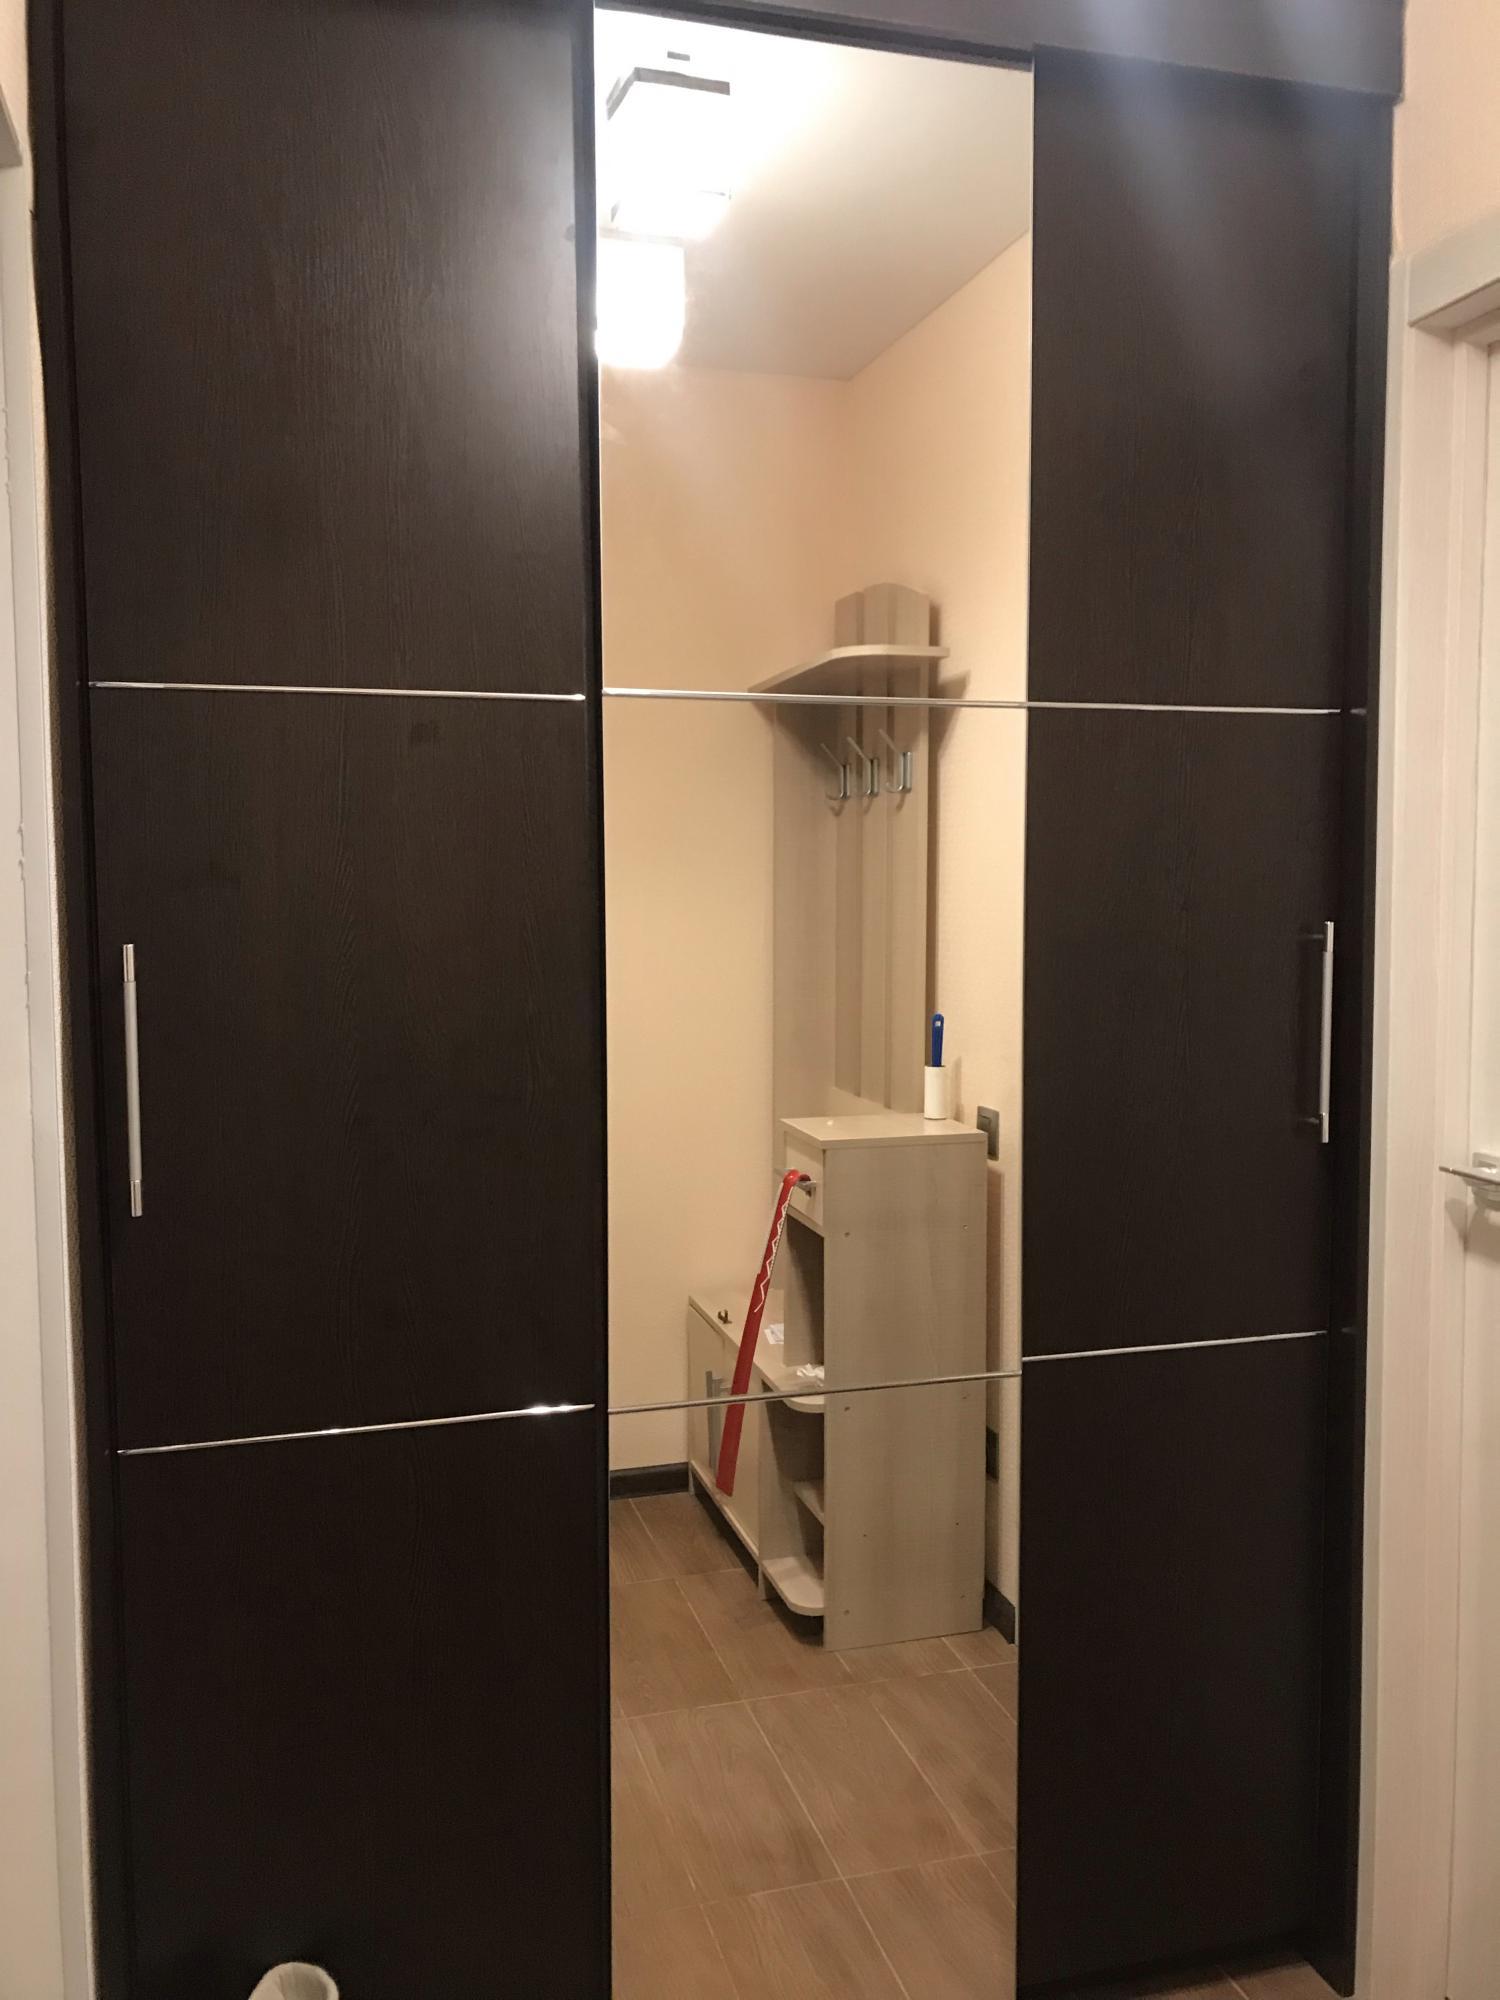 Квартира, студия, 24.5 м² в Домодедово 89035305126 купить 7